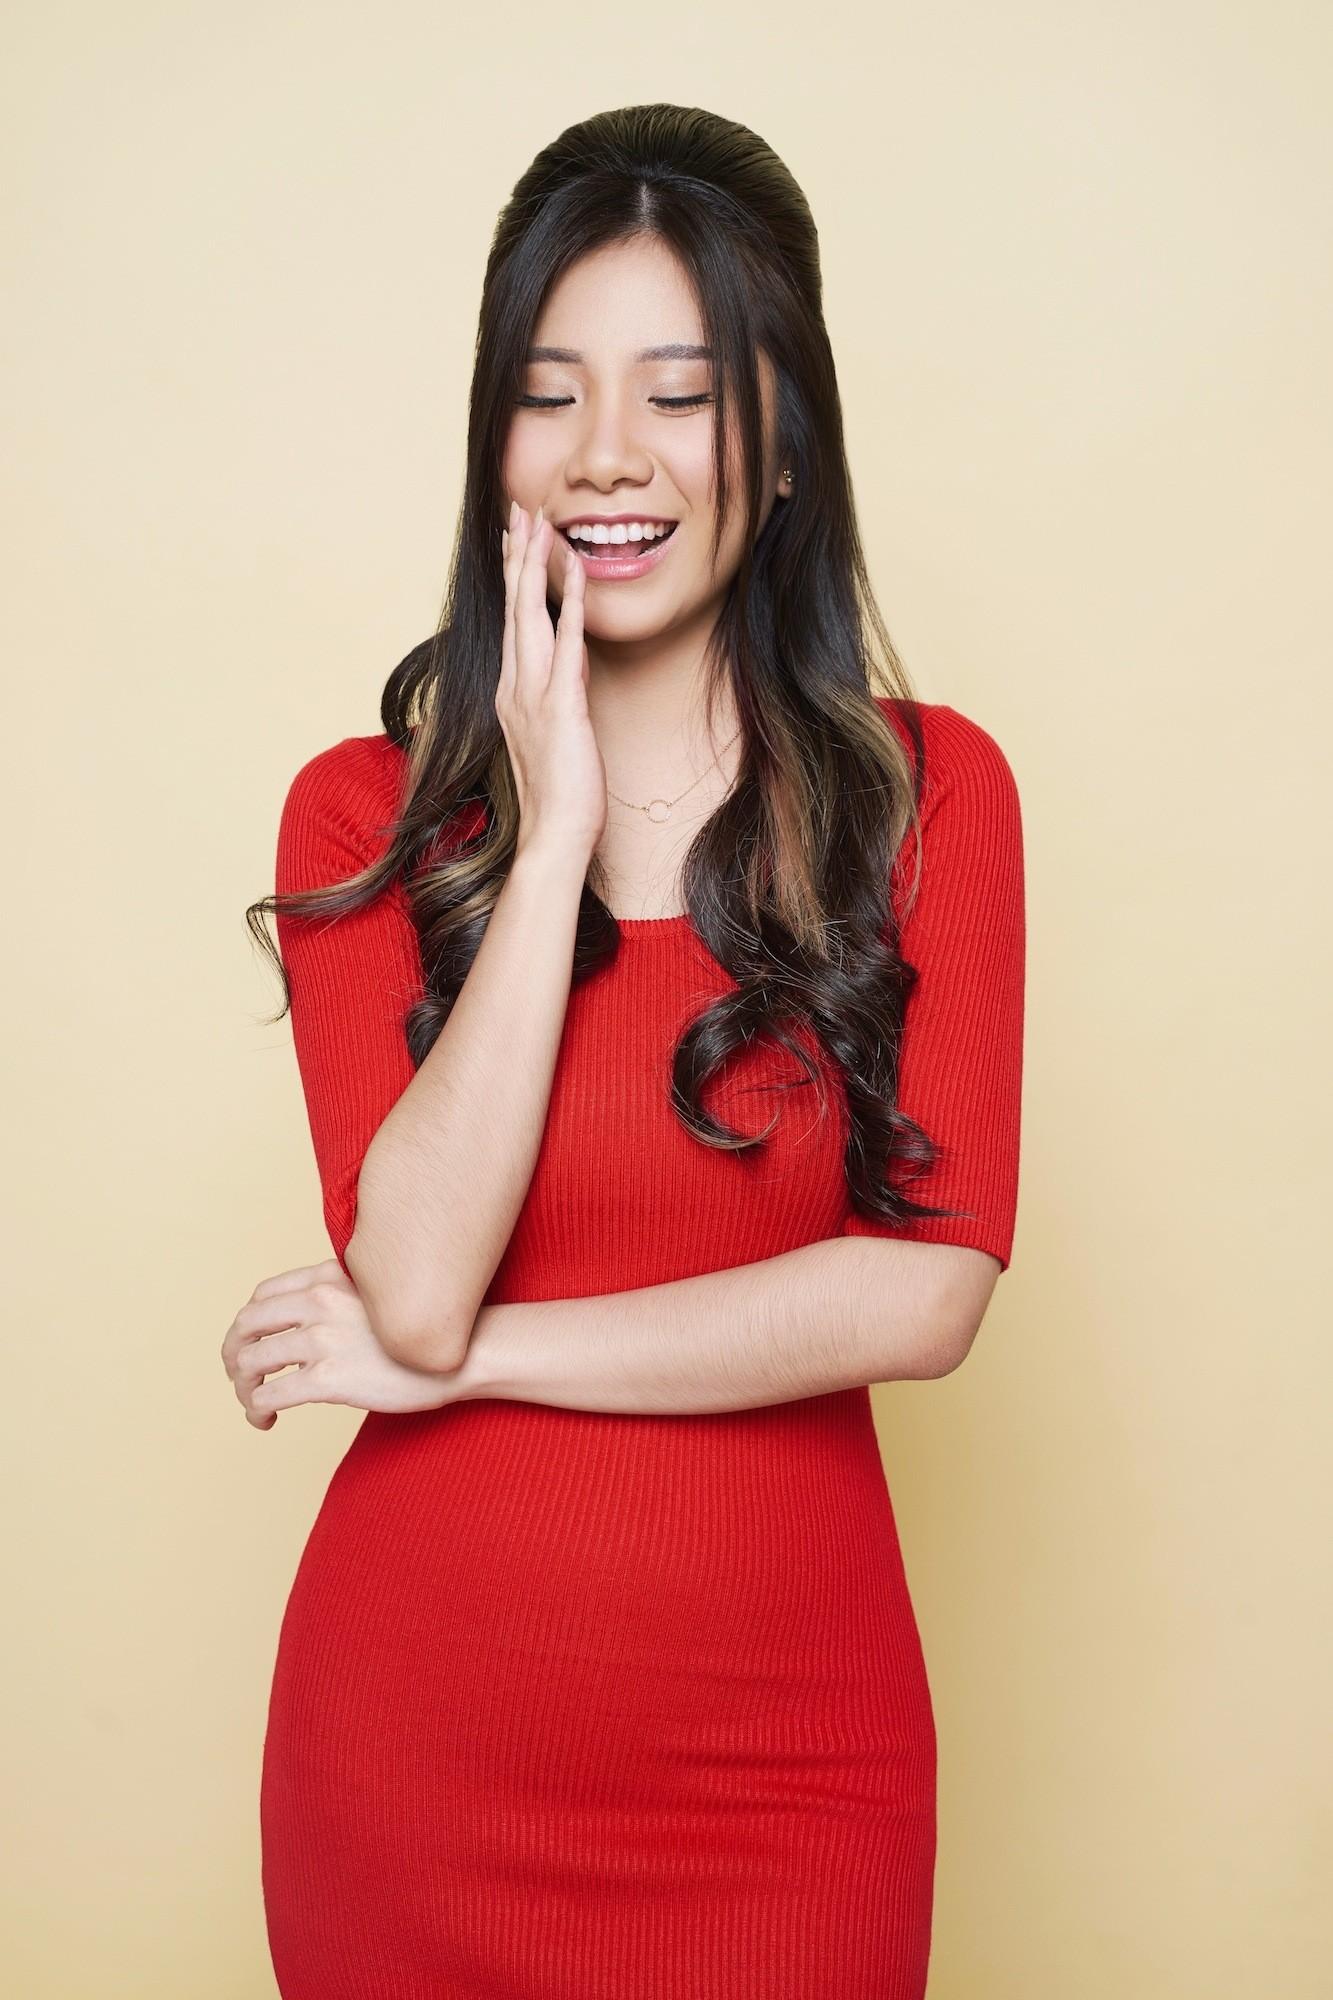 Coiffures asiatiques : Femme asiatique aux longs cheveux bruns ondulés en ruche portant une robe rouge.